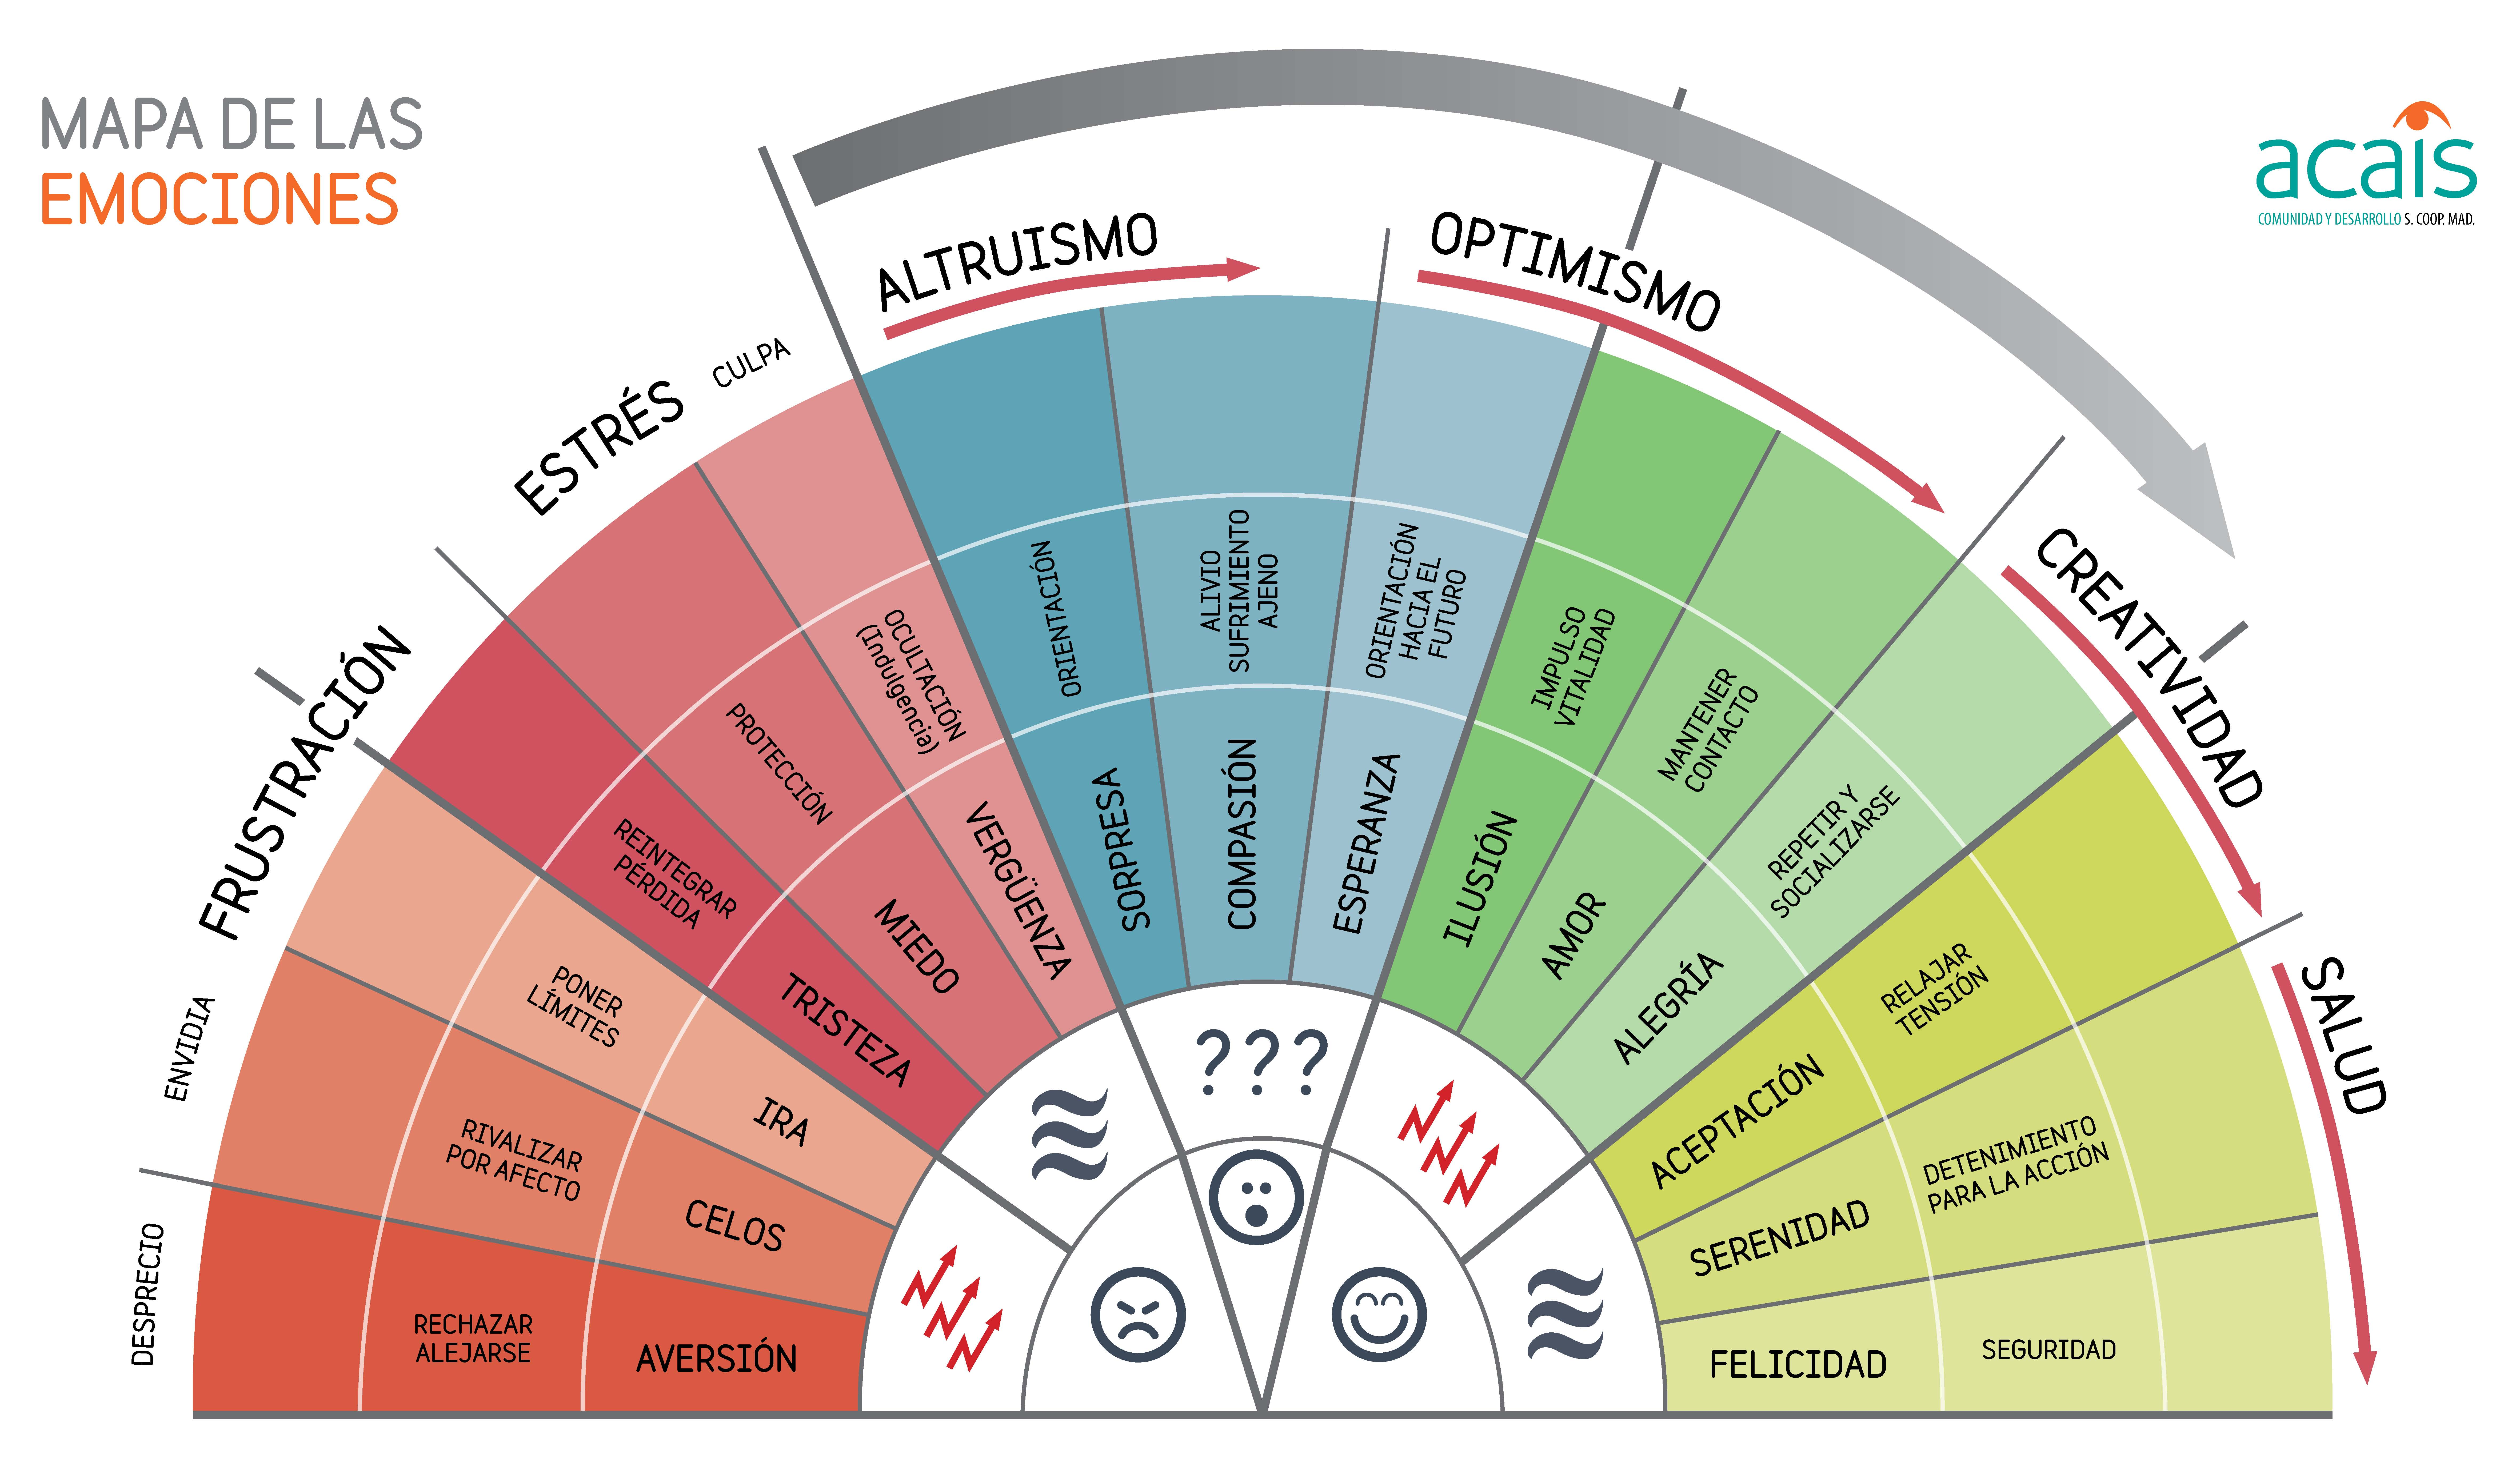 Mapa De Las Emociones.Cartel Emociones Gonzalo Martin Munoz Free Download